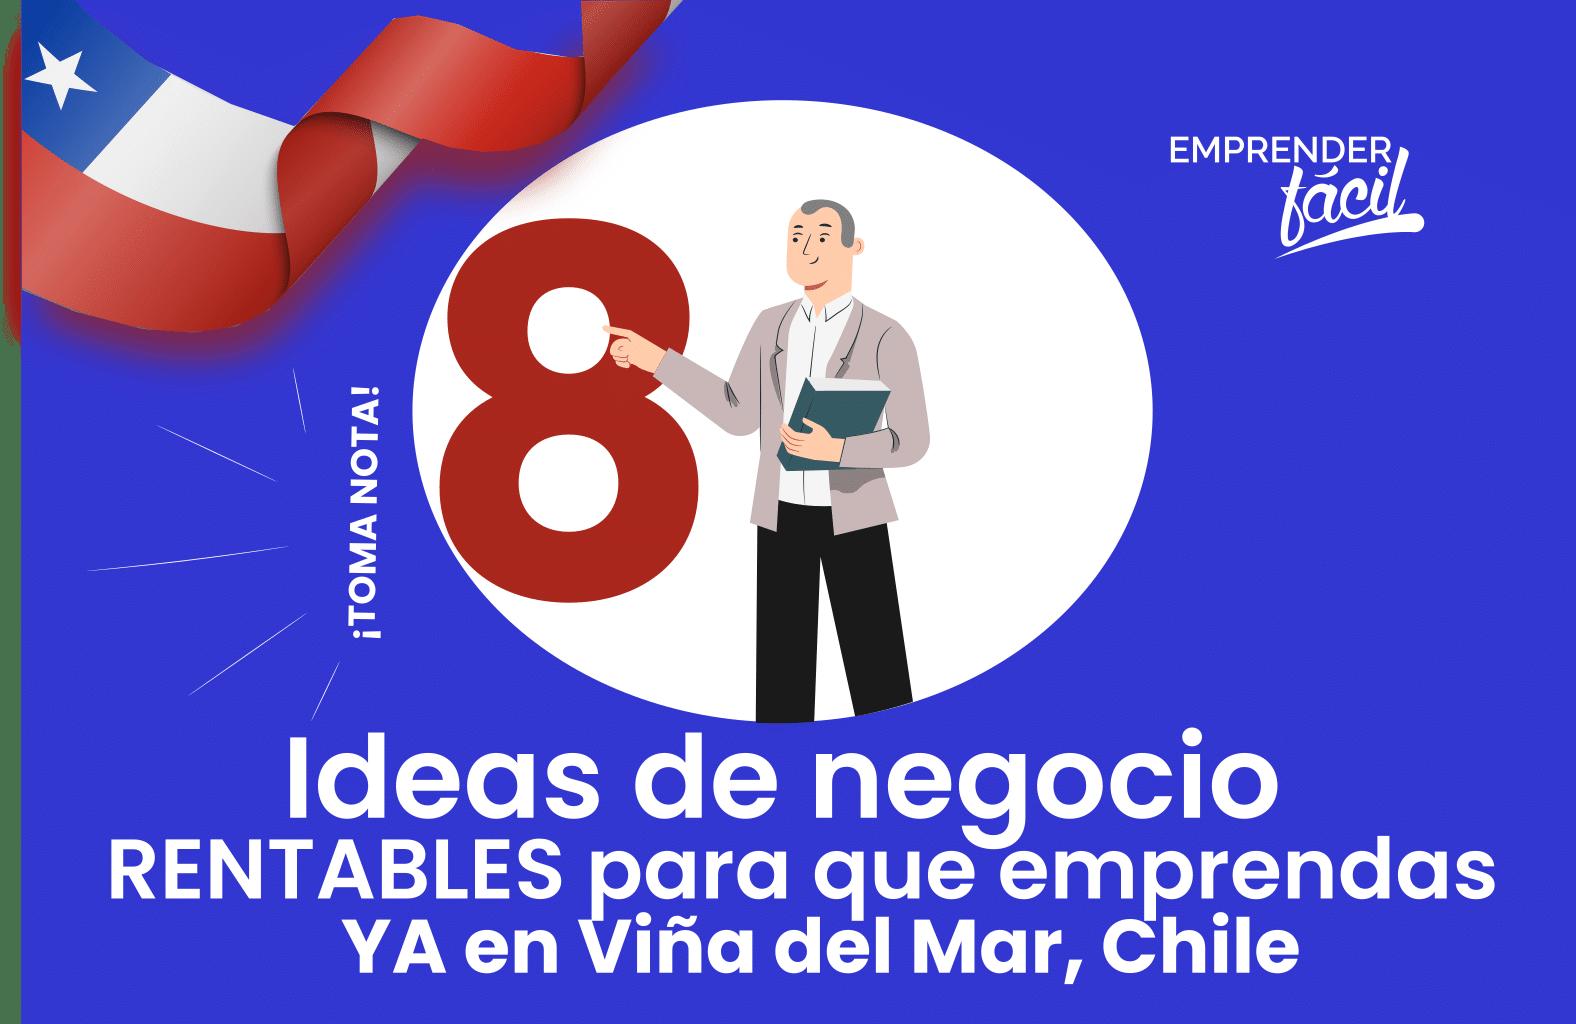 Negocios Rentables en Viña del Mar, Chile